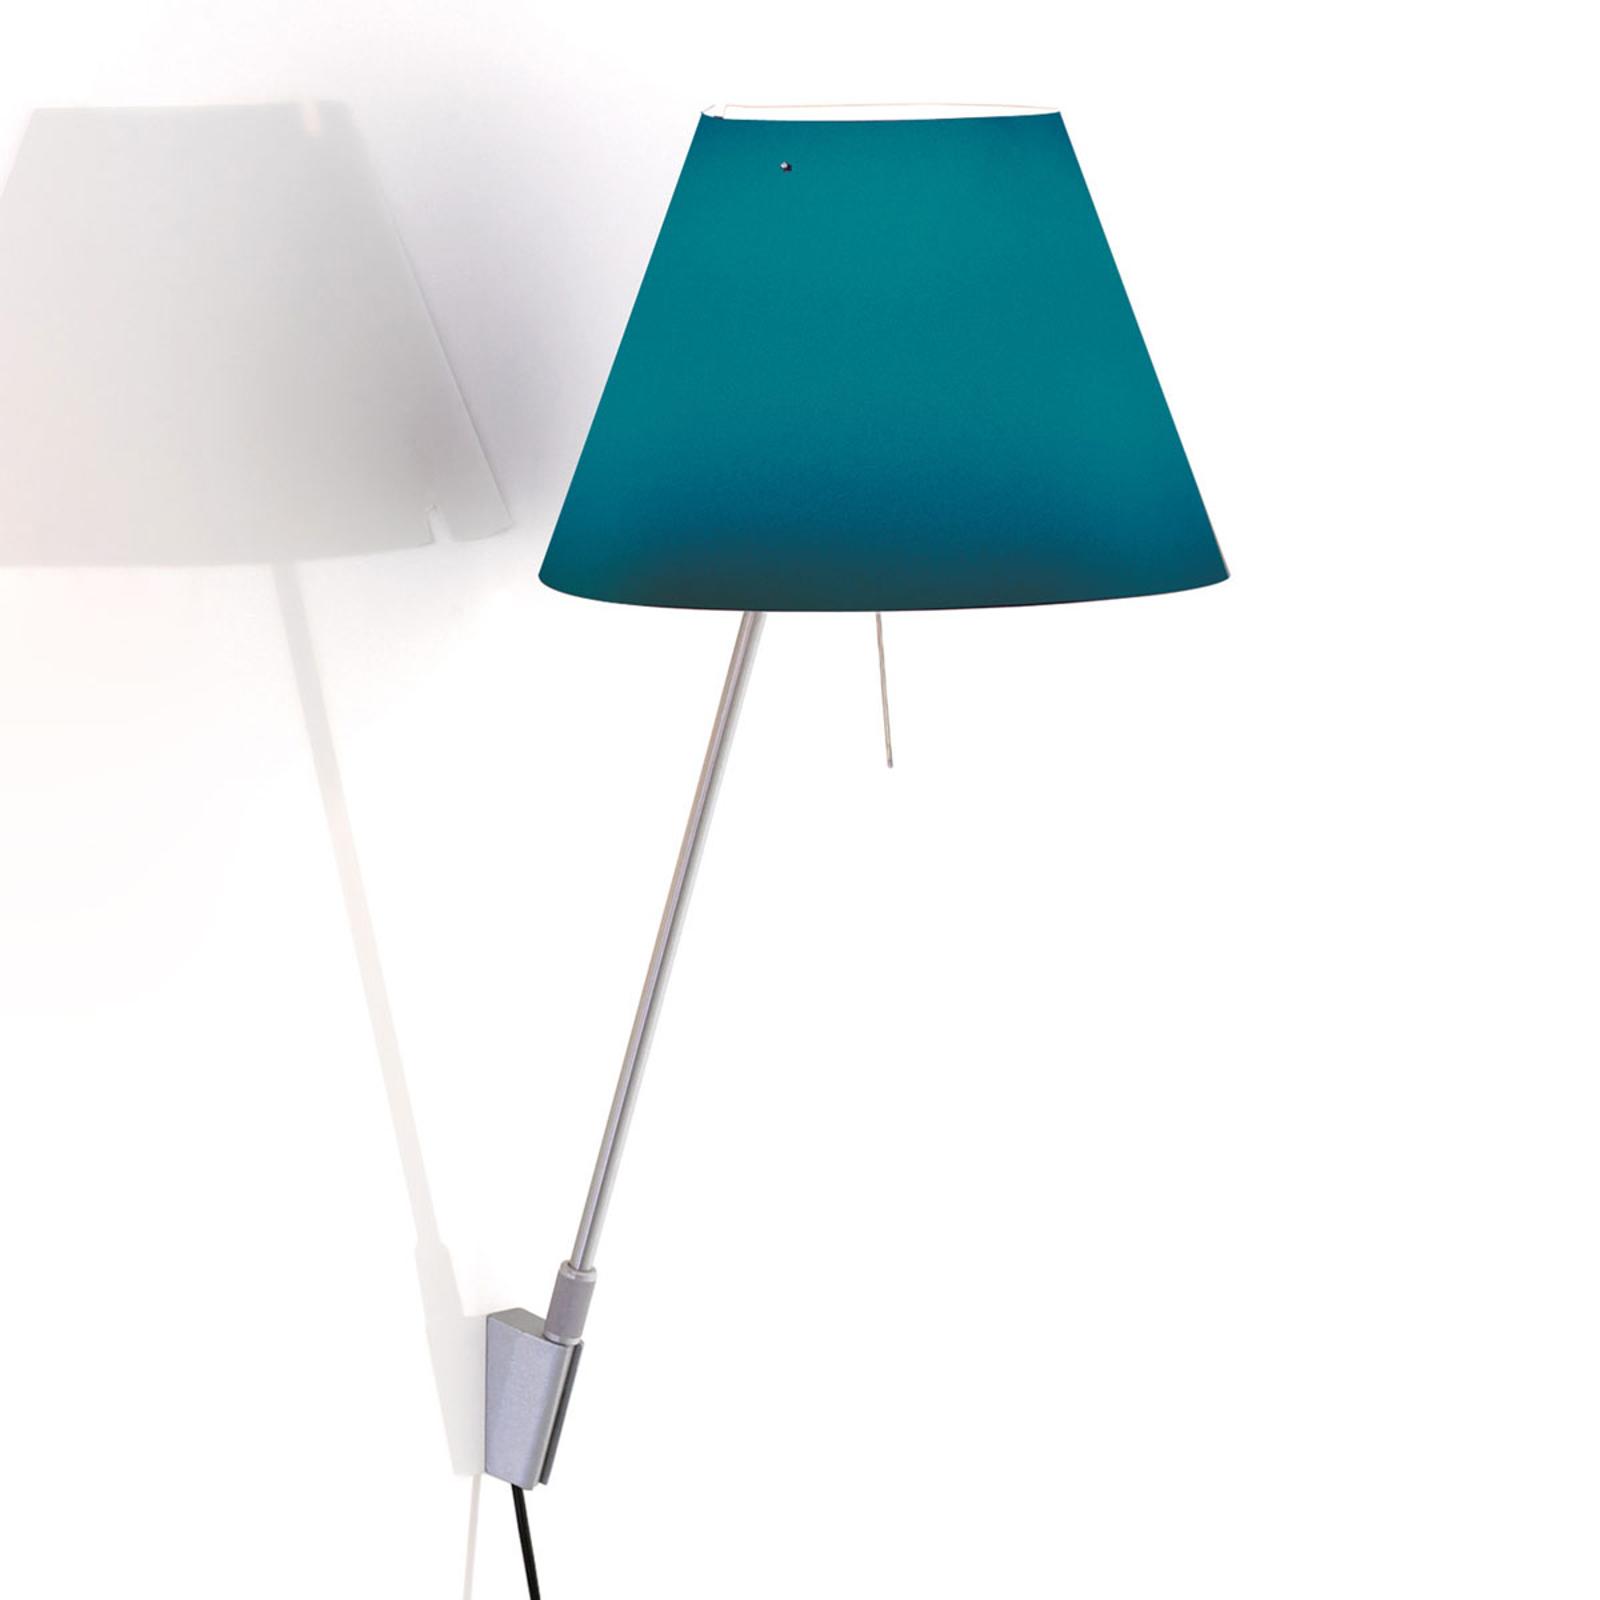 Luceplan Costanzina wandlamp alu, petroleumblauw